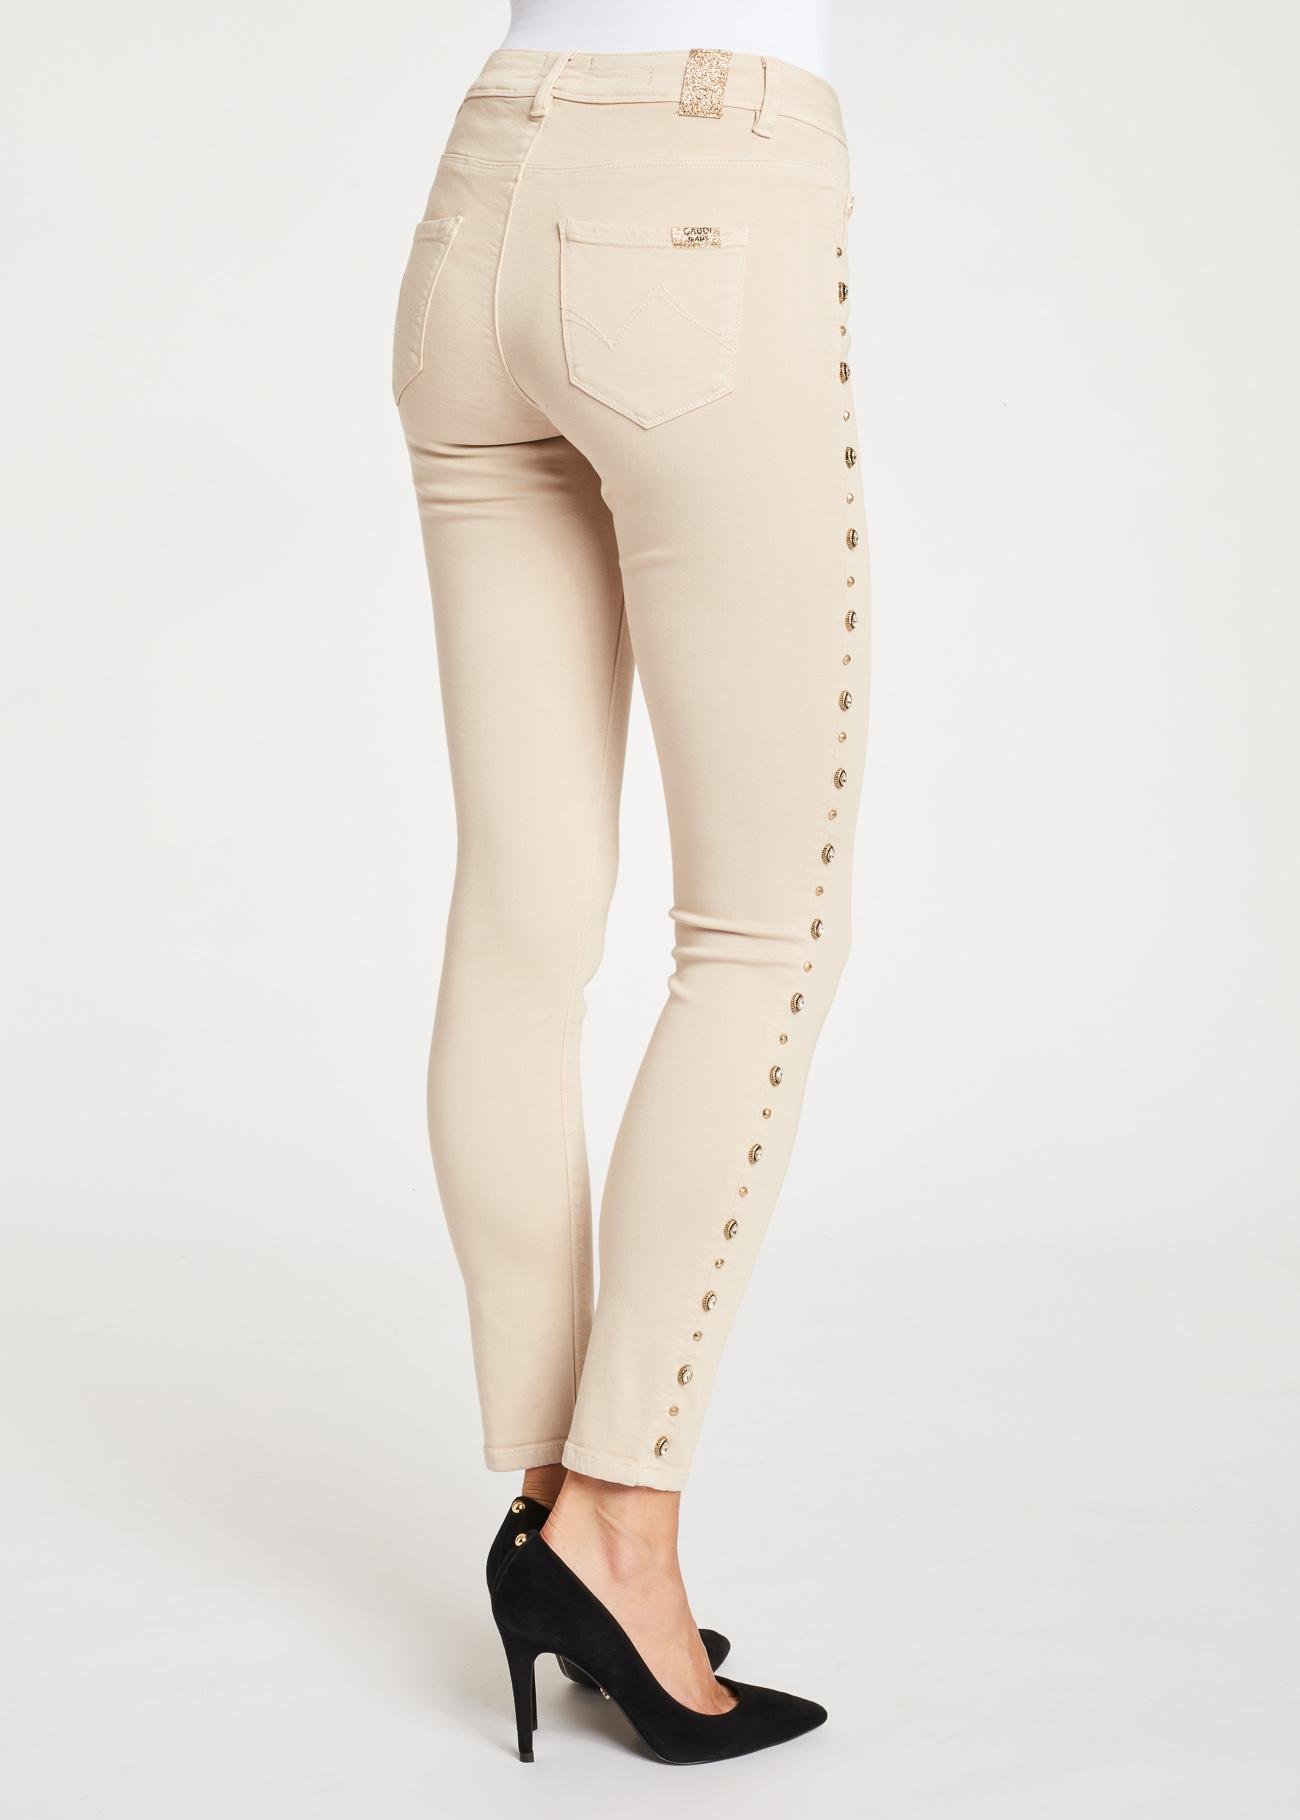 Pantalone 5 tasche GAUDI JEANS   Pantaloni   BD250182253